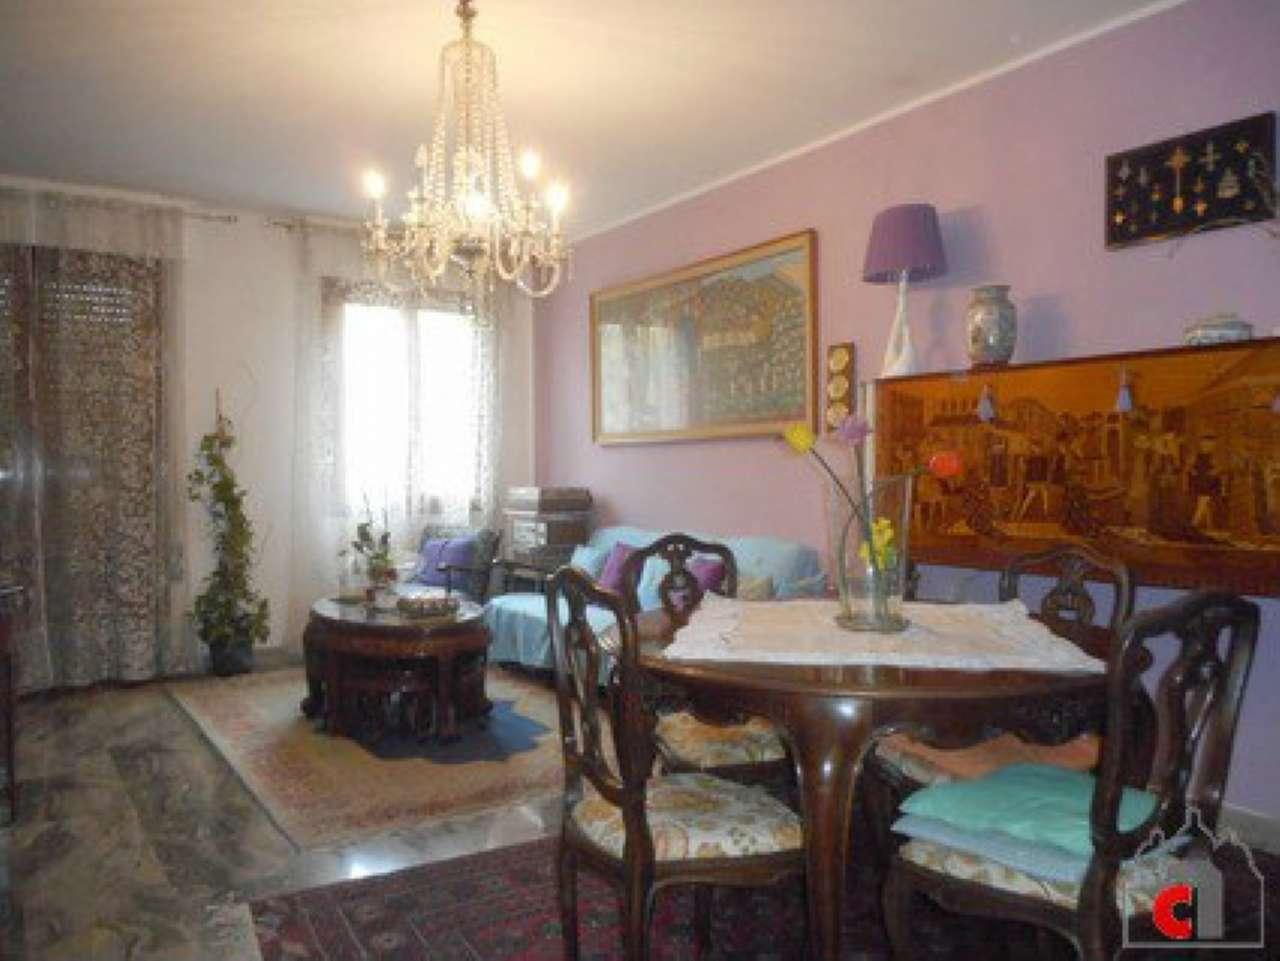 Appartamento in vendita a Padova, 5 locali, zona Zona: 5 . Sud-Ovest (Armistizio-Savonarola), prezzo € 195.000 | Cambio Casa.it